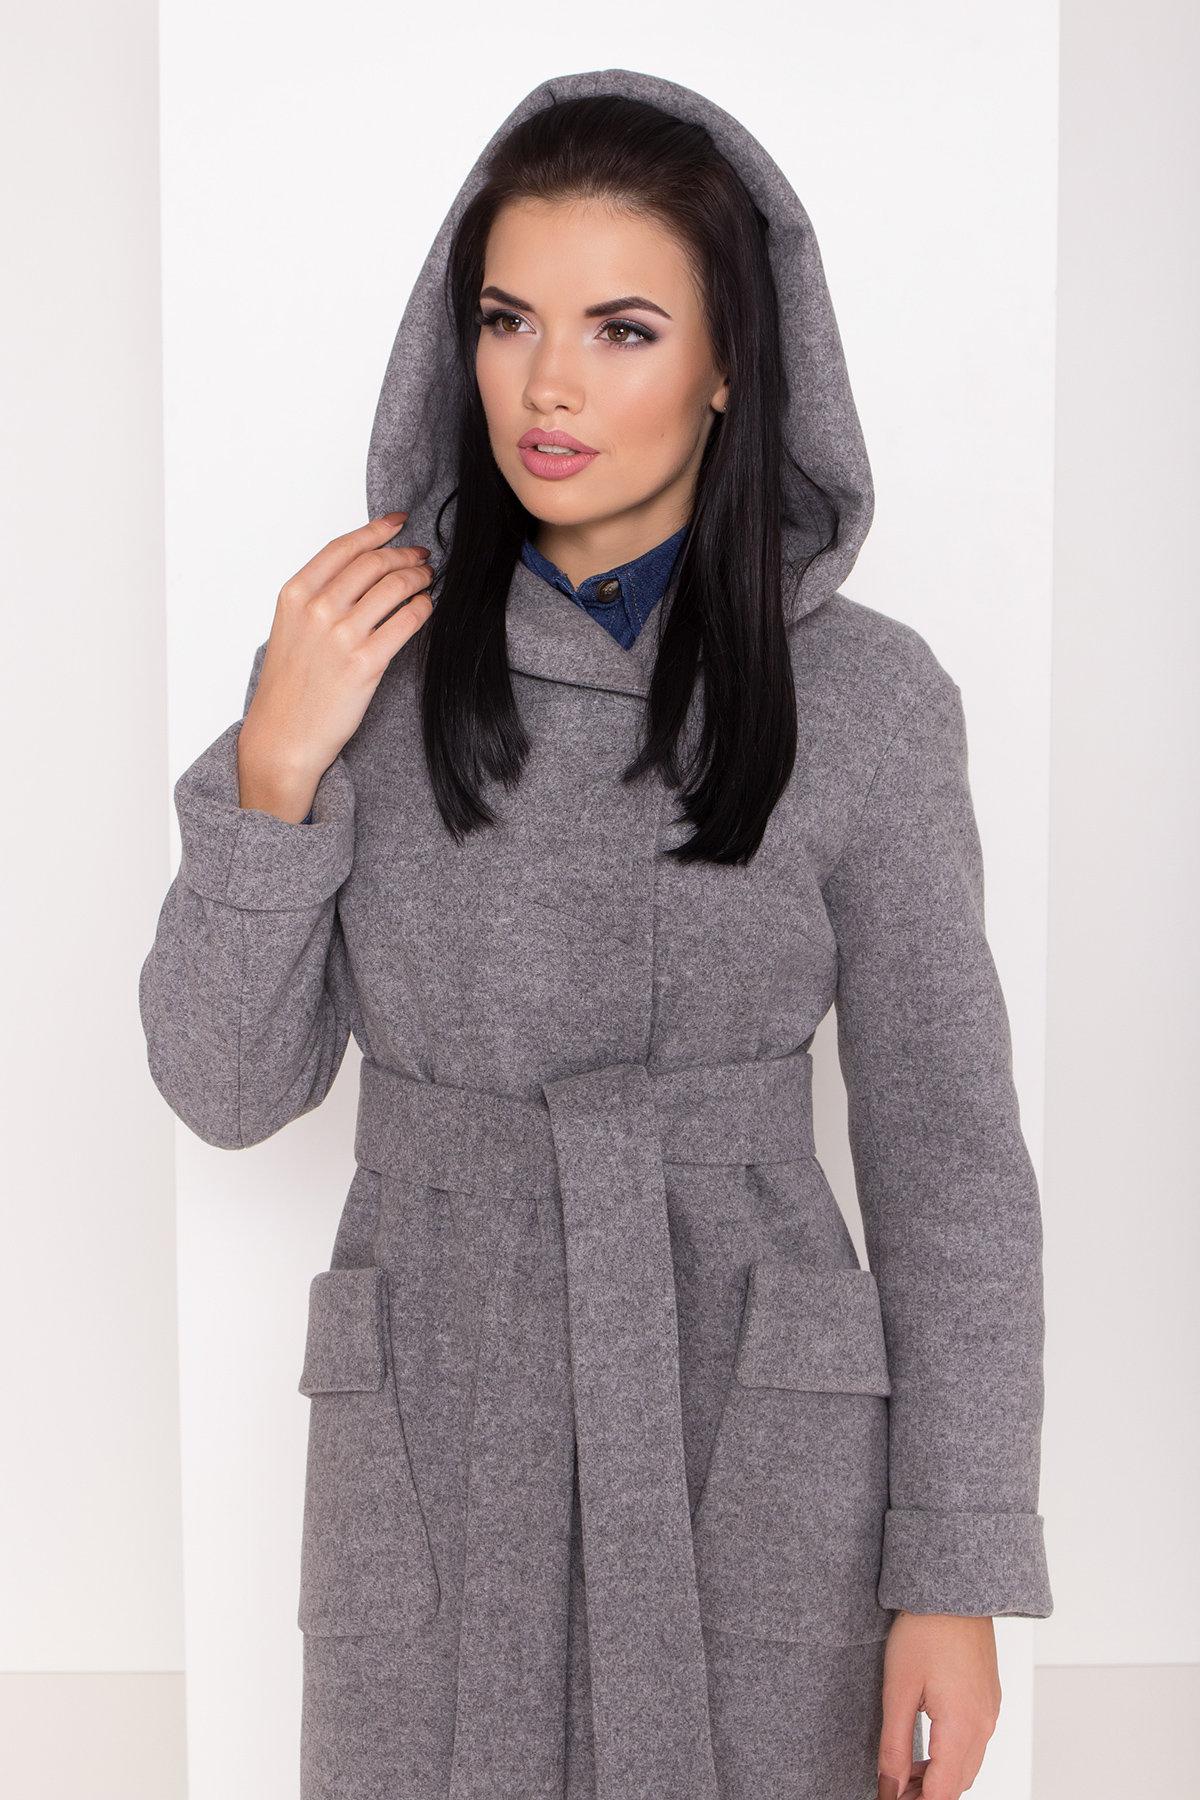 Женское пальто зима с накладными карманами Анджи 8299 АРТ. 44423 Цвет: Серый меланж - фото 5, интернет магазин tm-modus.ru